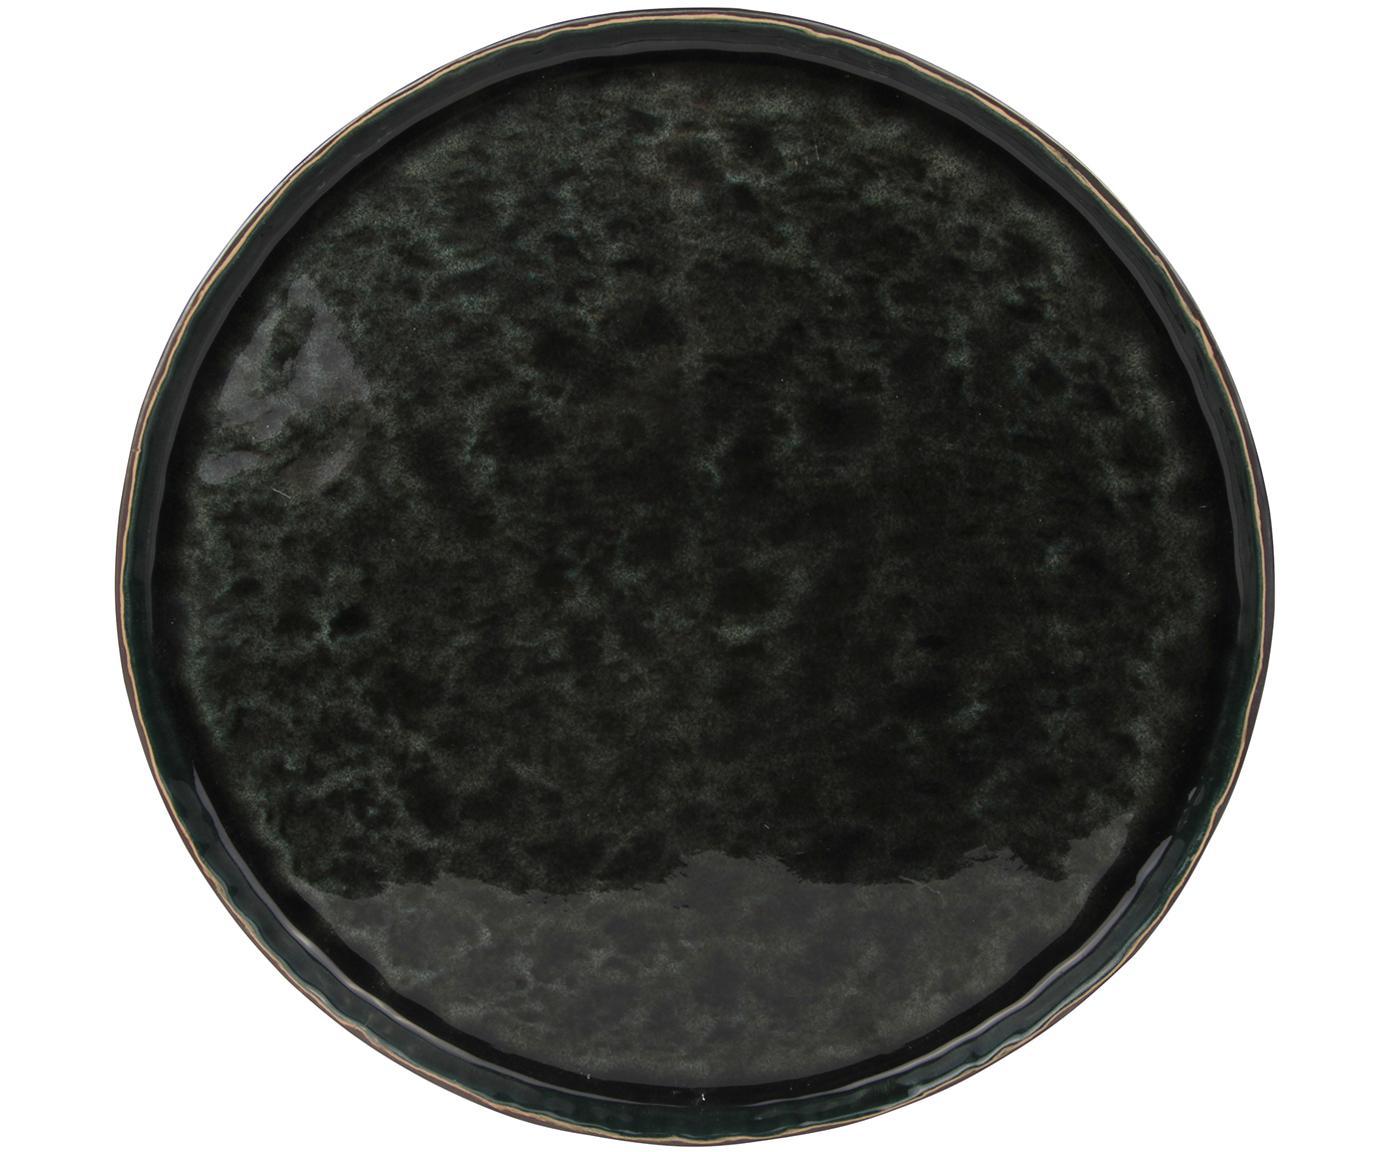 Piatto piano Lagune 4 pz, Ceramica, Marrone grigiastro, nero verde, Ø 27 cm